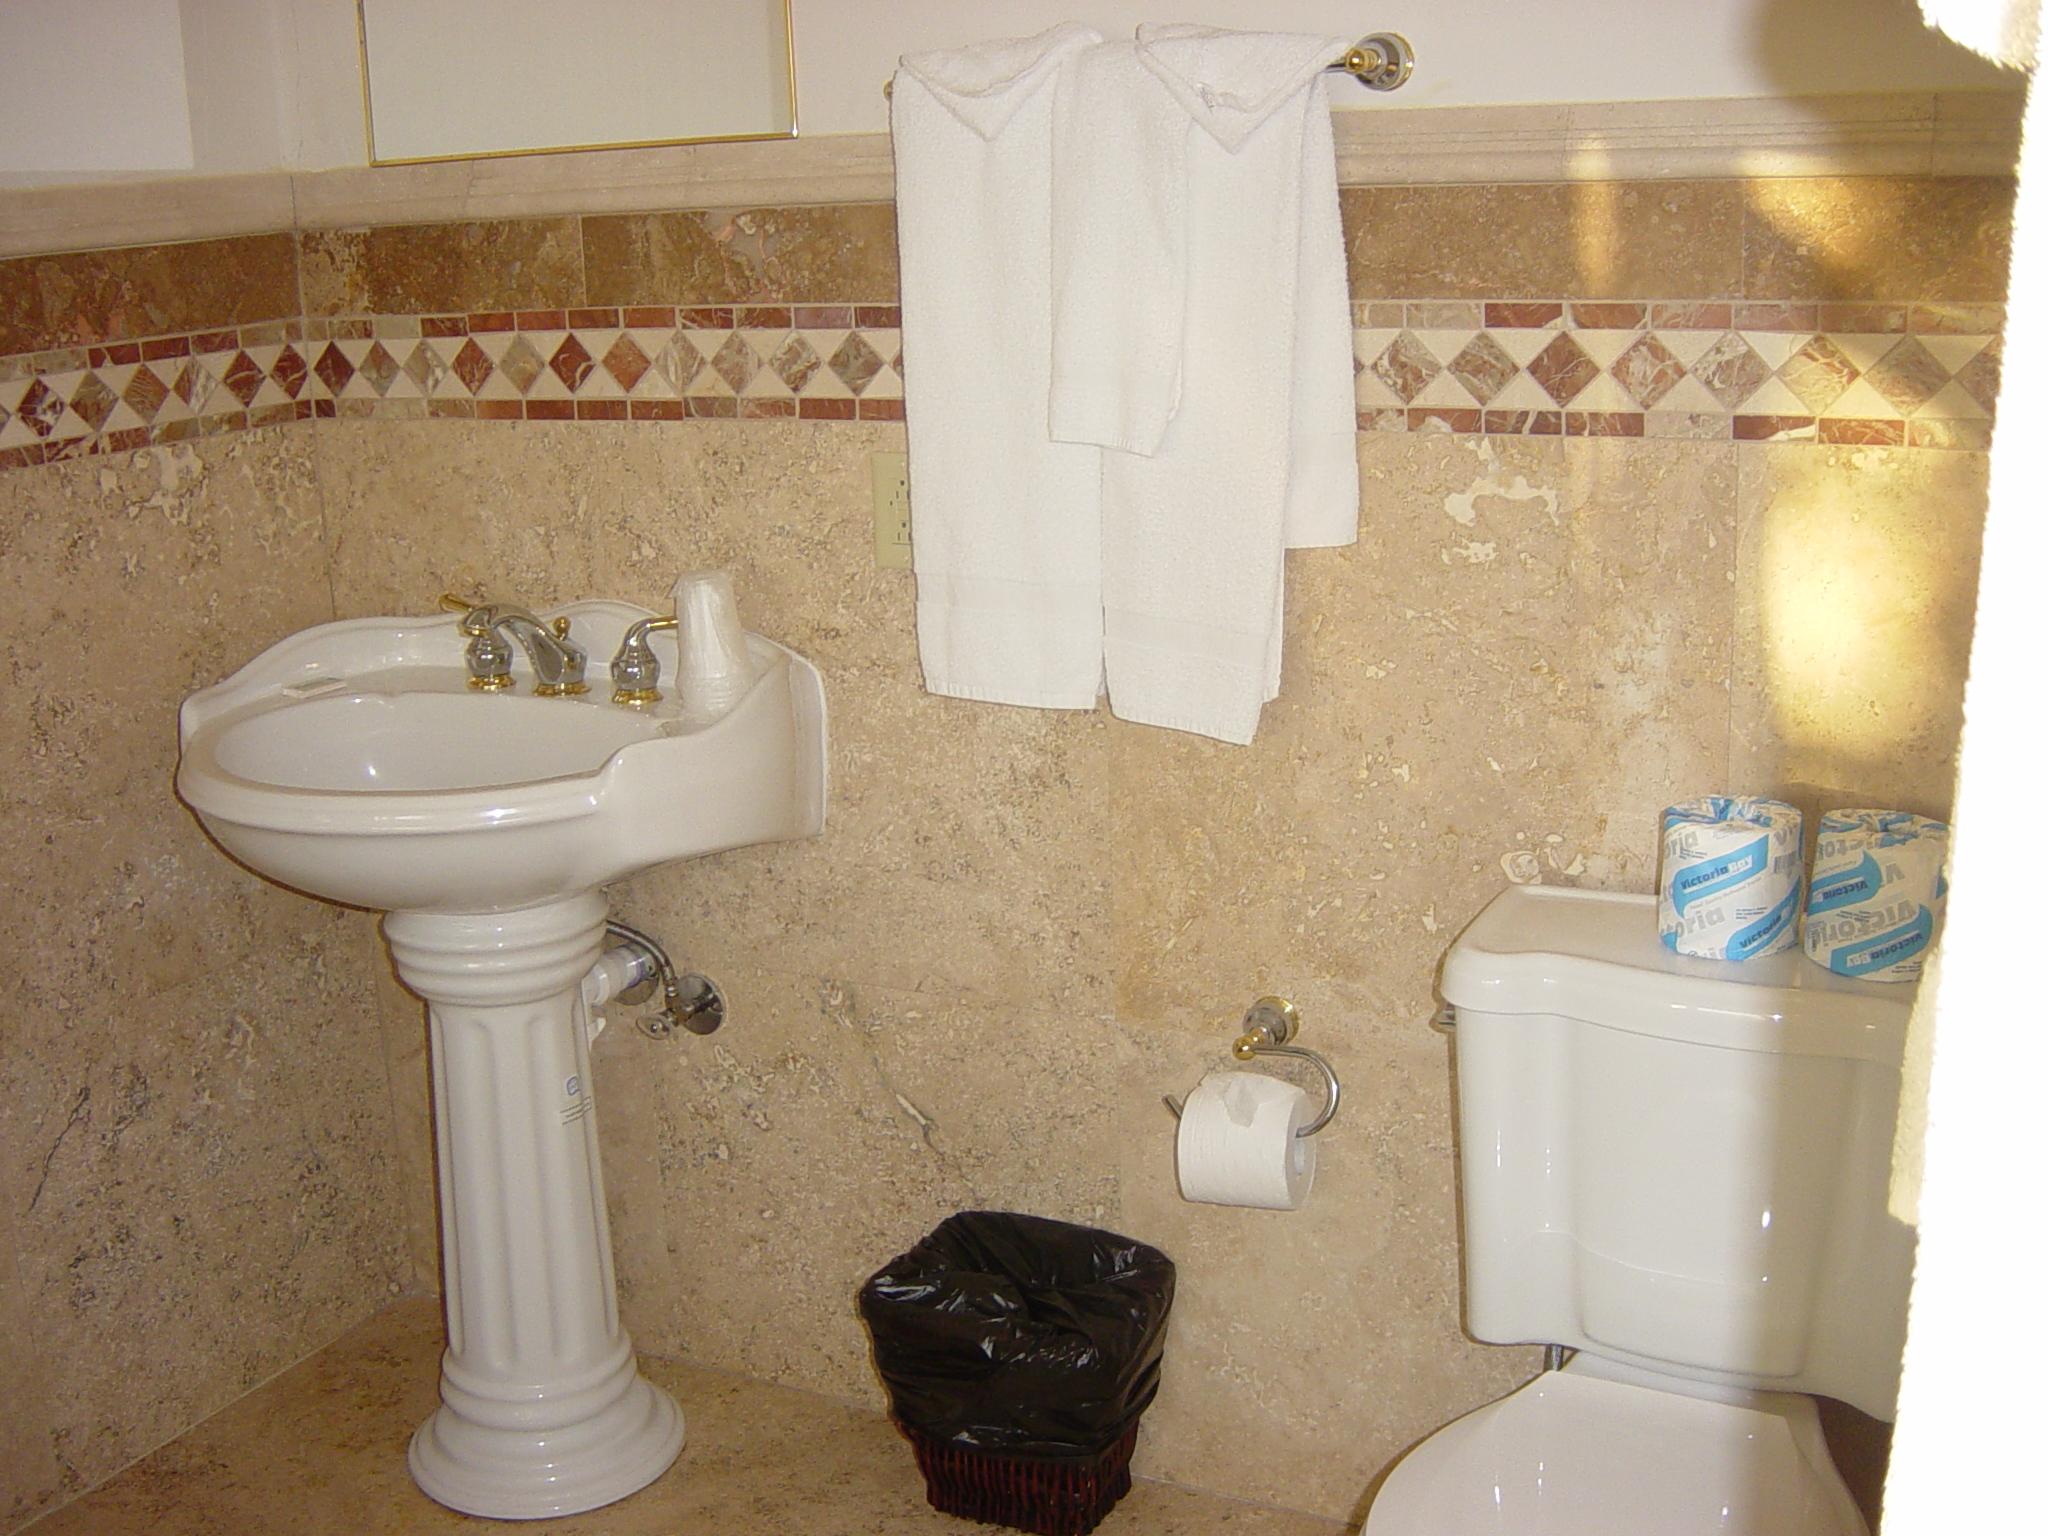 Islamorada Bridal suites